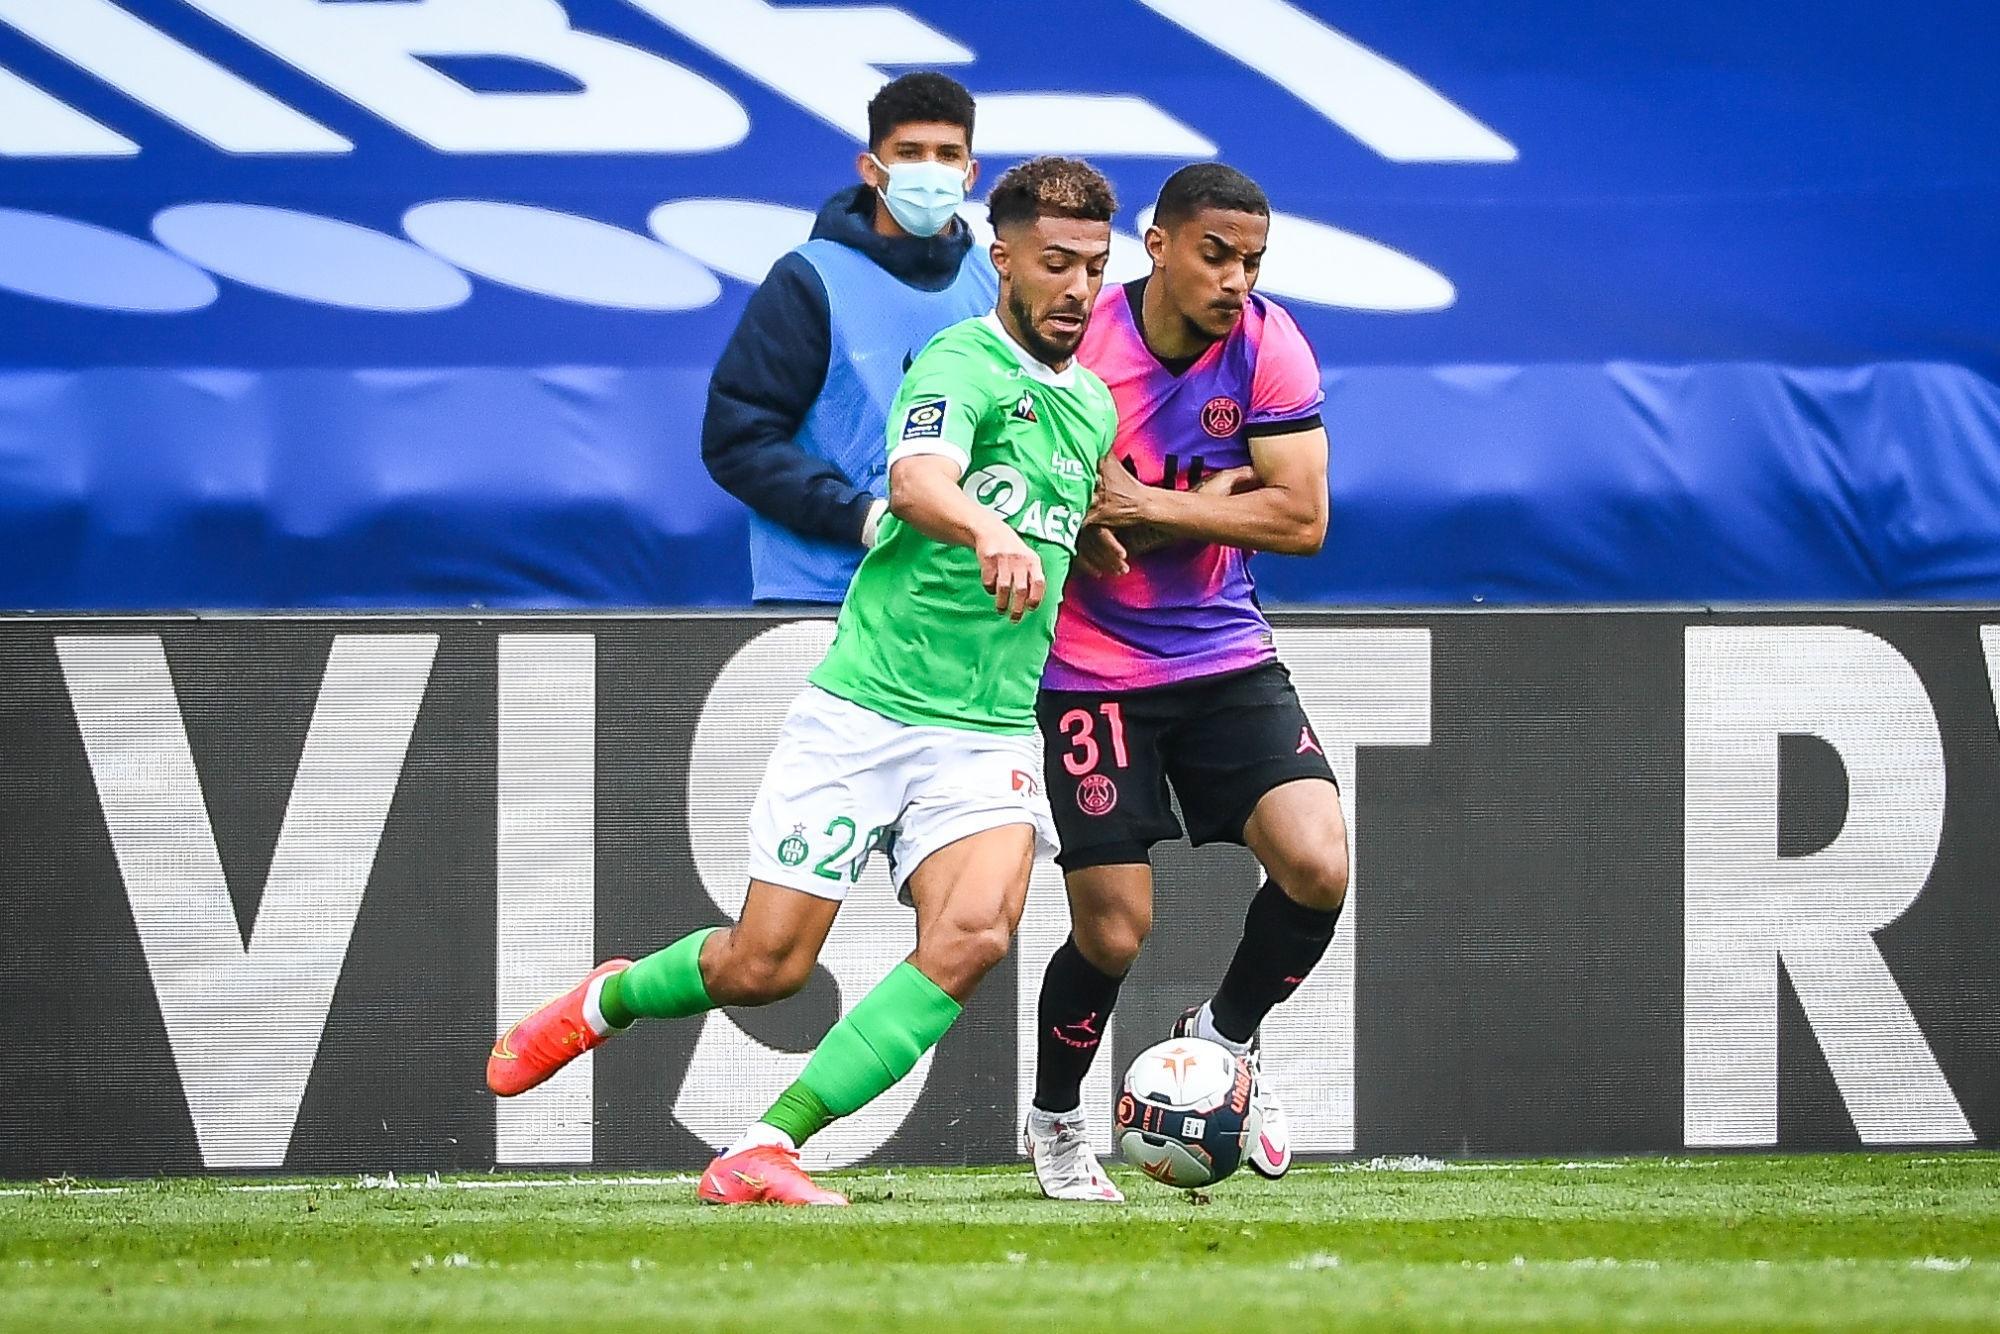 """PSG/Saint-Etienne - Bouanga retient """"la satisfaction d'avoir accroché Paris"""""""